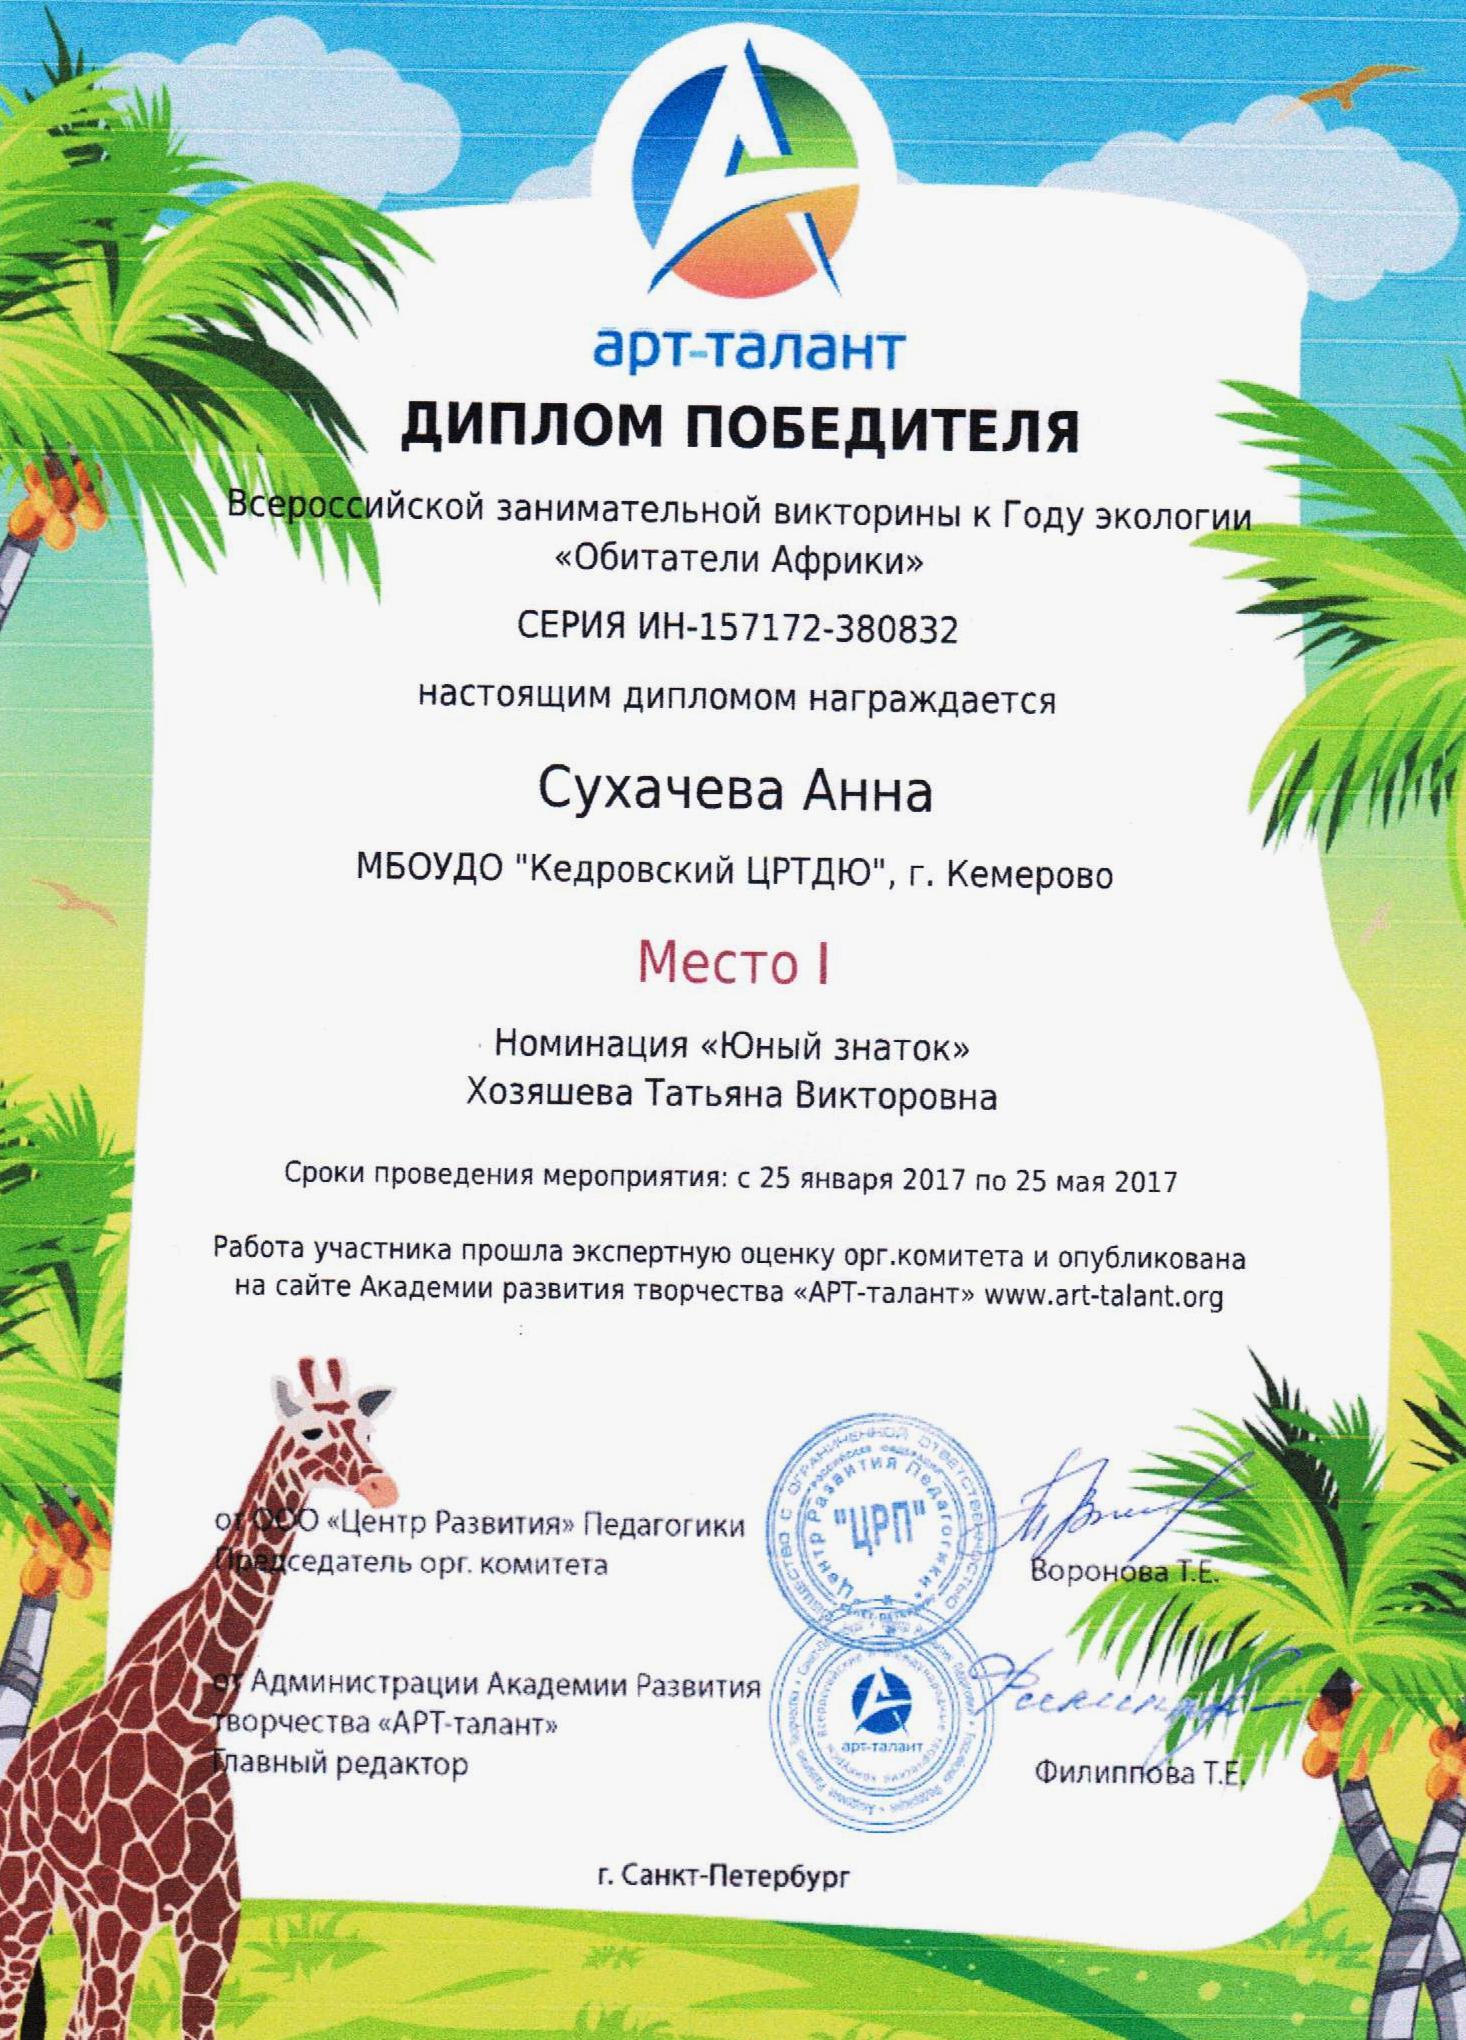 Арт талант конкурсы в 2017 году